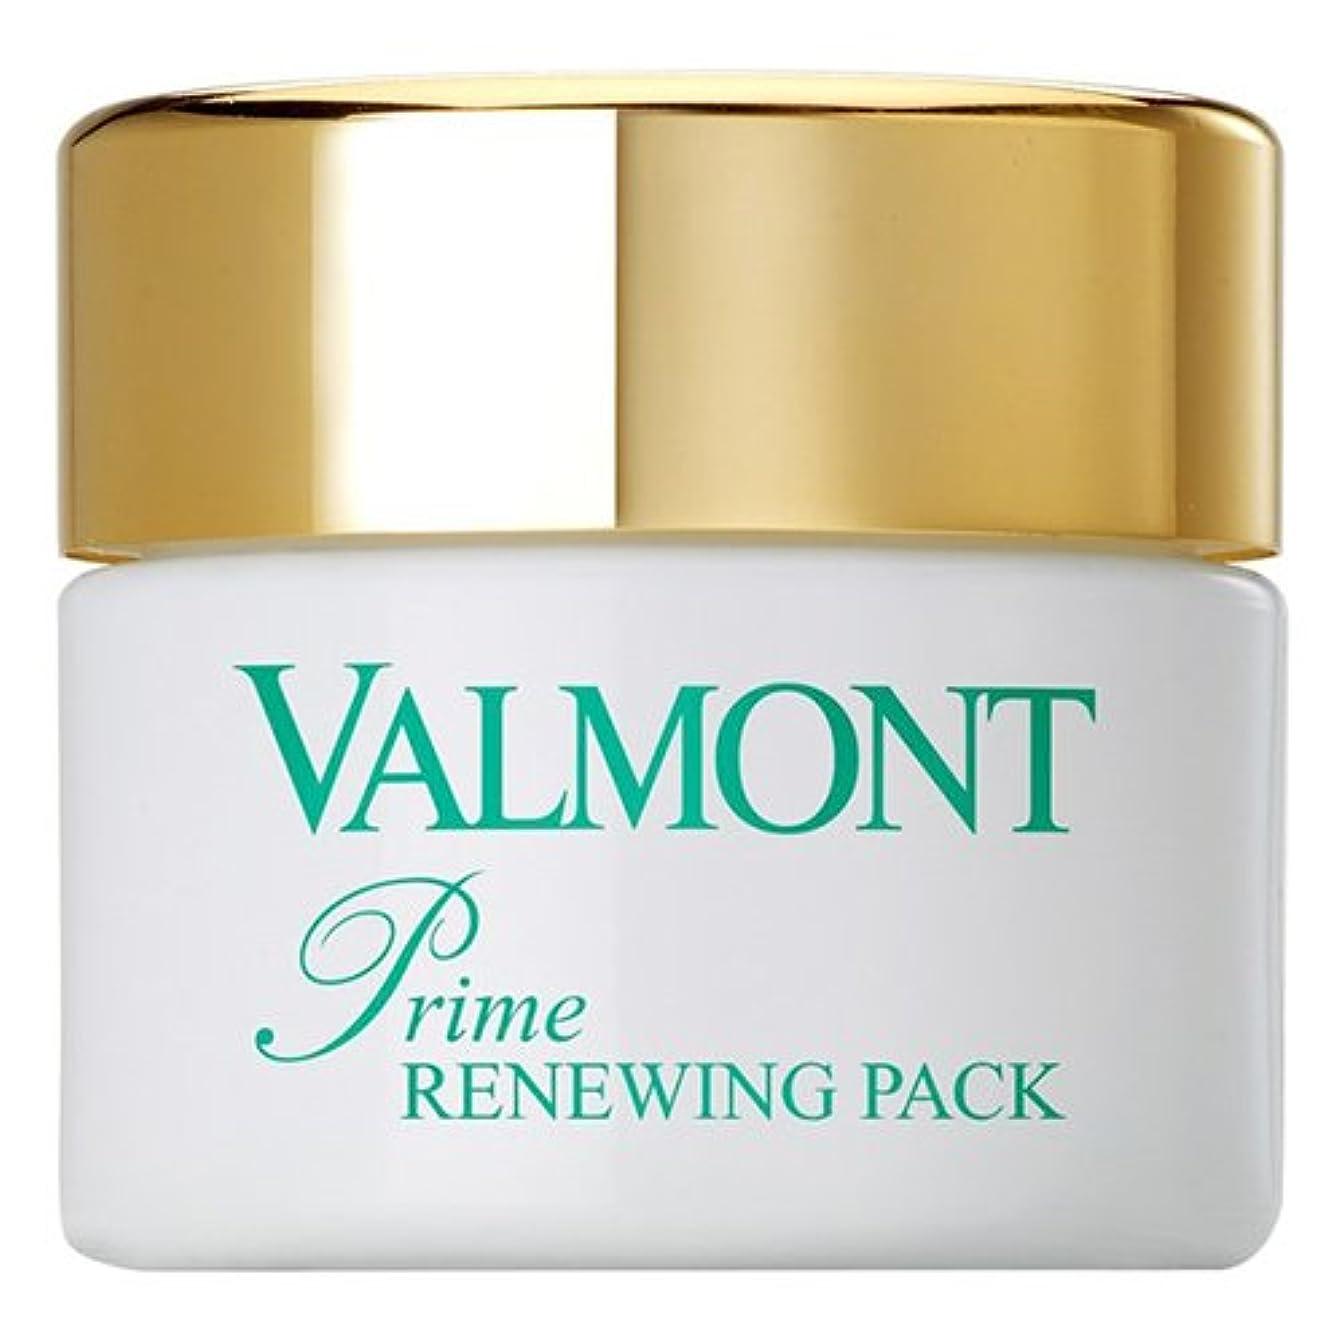 実質的ながら嫉妬Valmont Prime Renewing Pack, 7.0 Ounce エイジングケアマスク クリーム